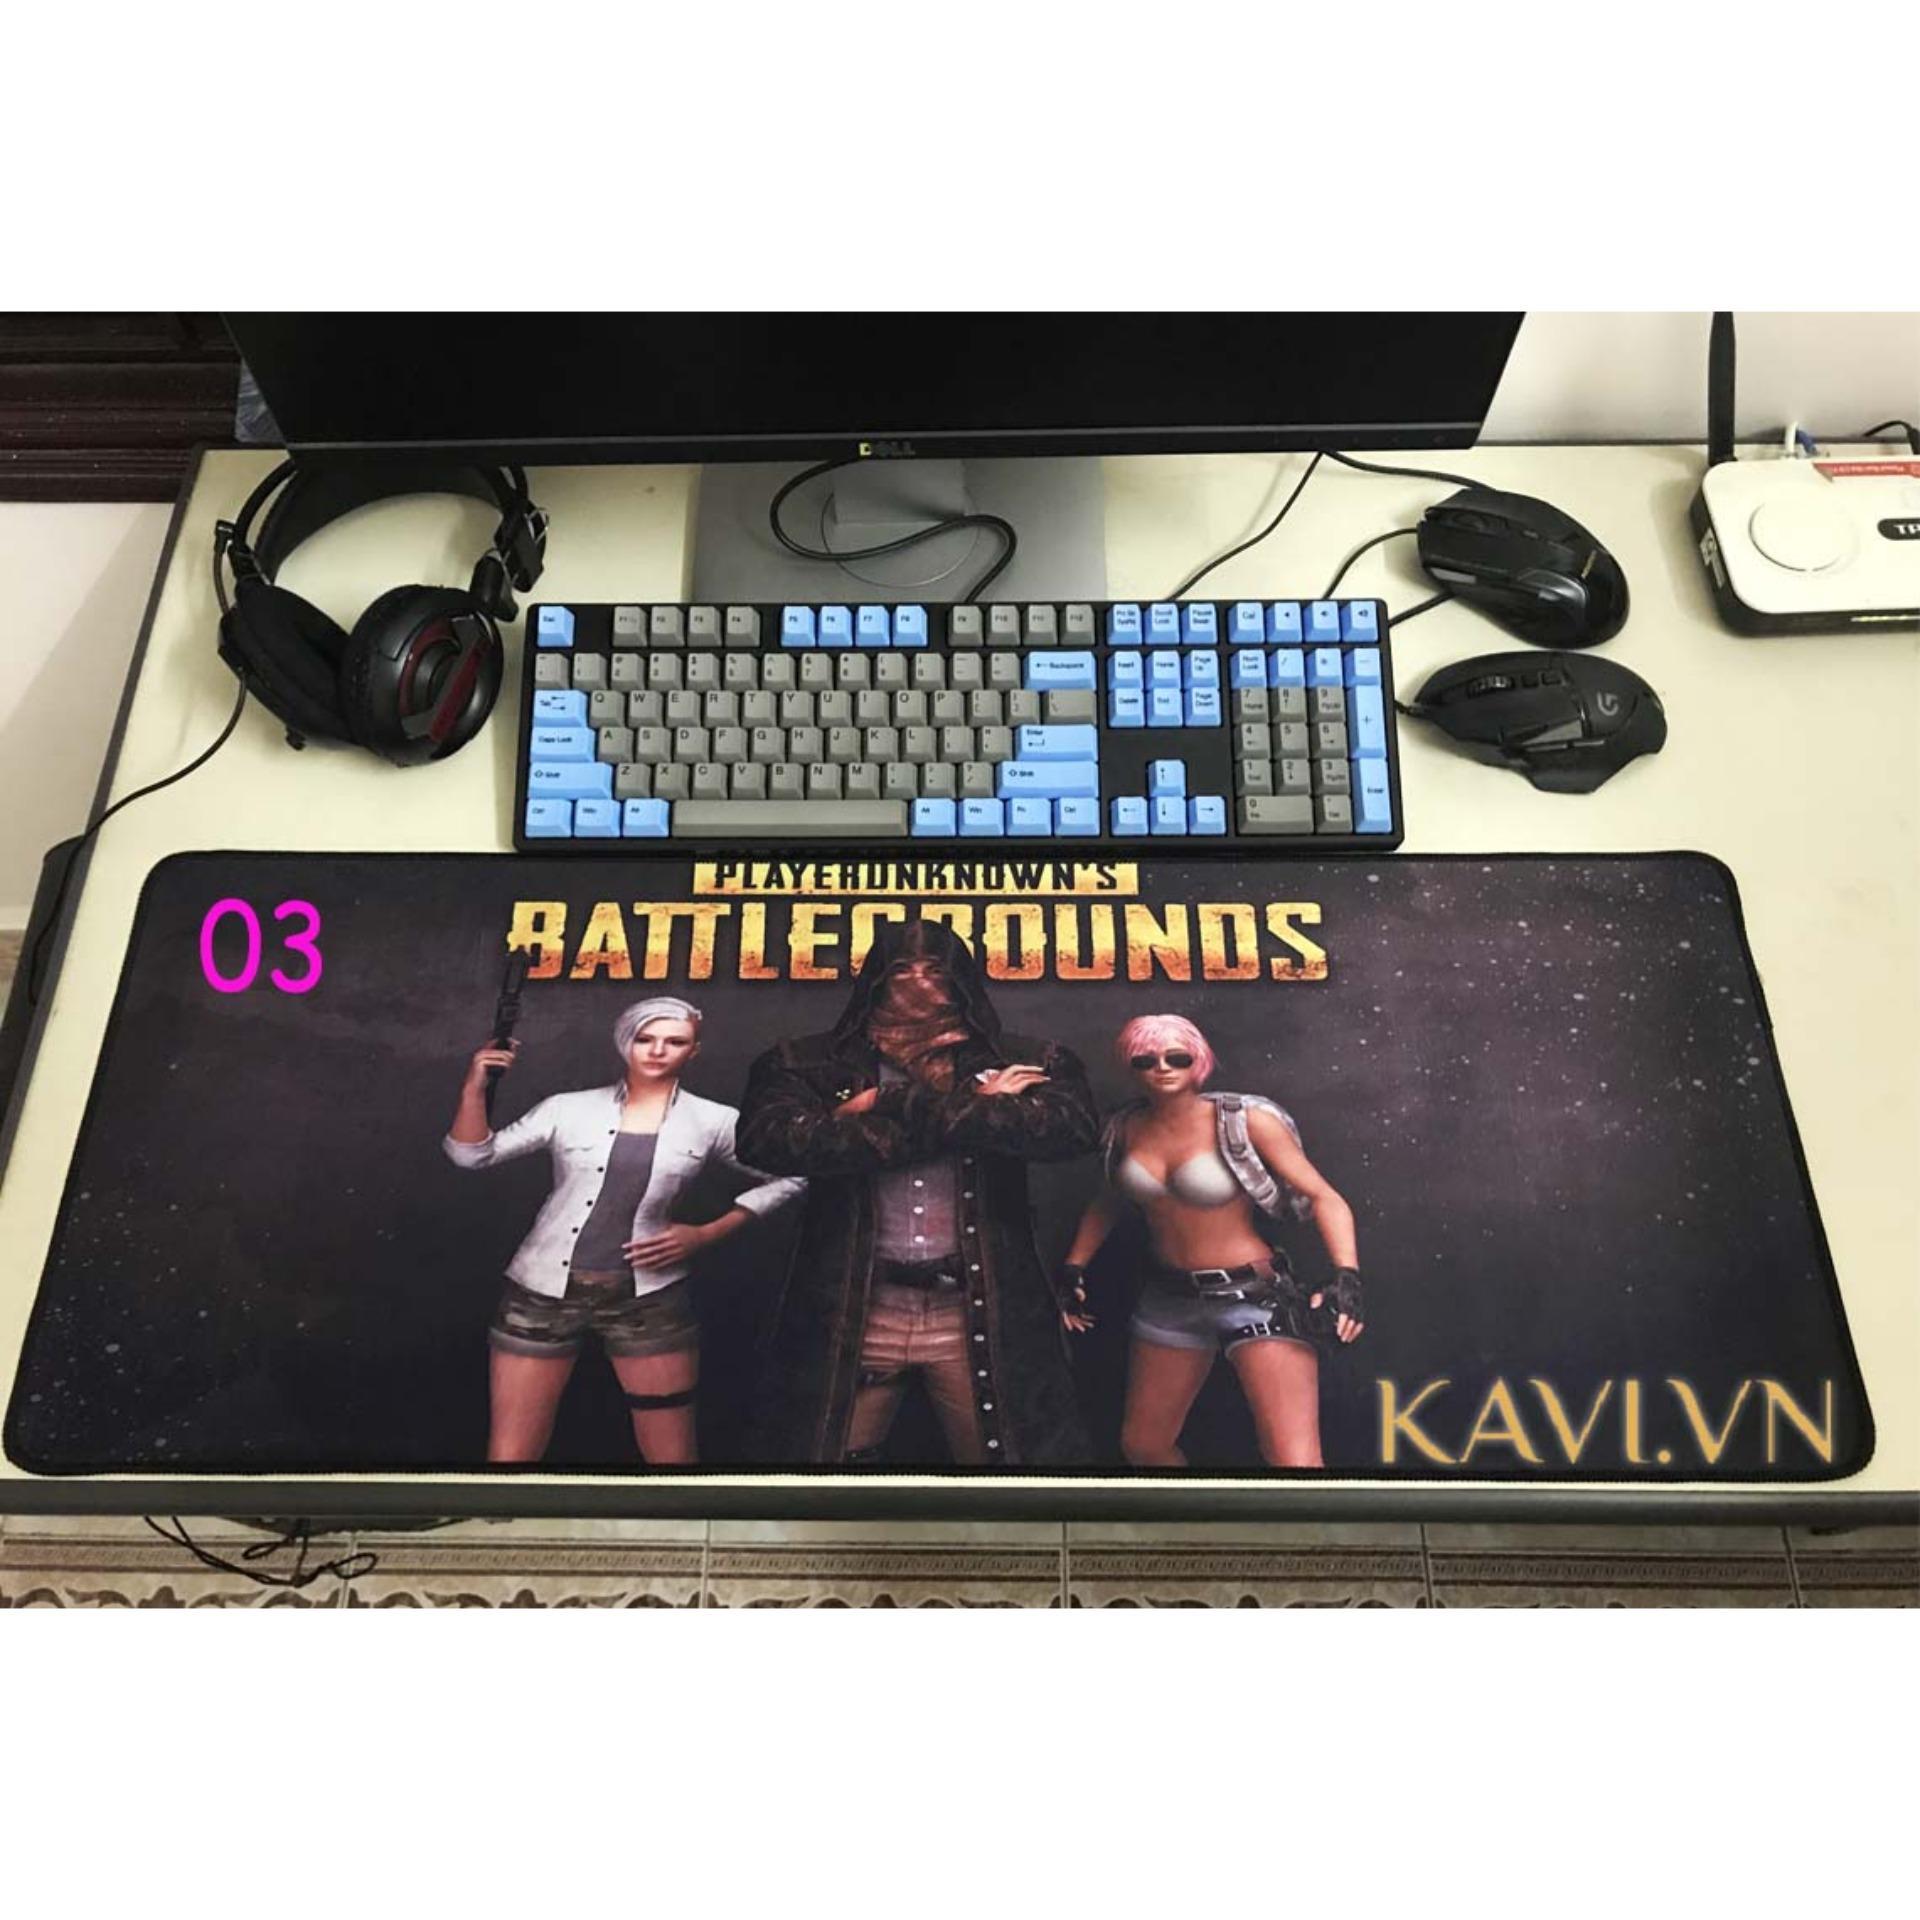 Đánh giá Lót máy tính, Lót chuột bàn phím Cỡ Lớn Giá rẻ, Hình Game (size 80x30cm) Tại Kav